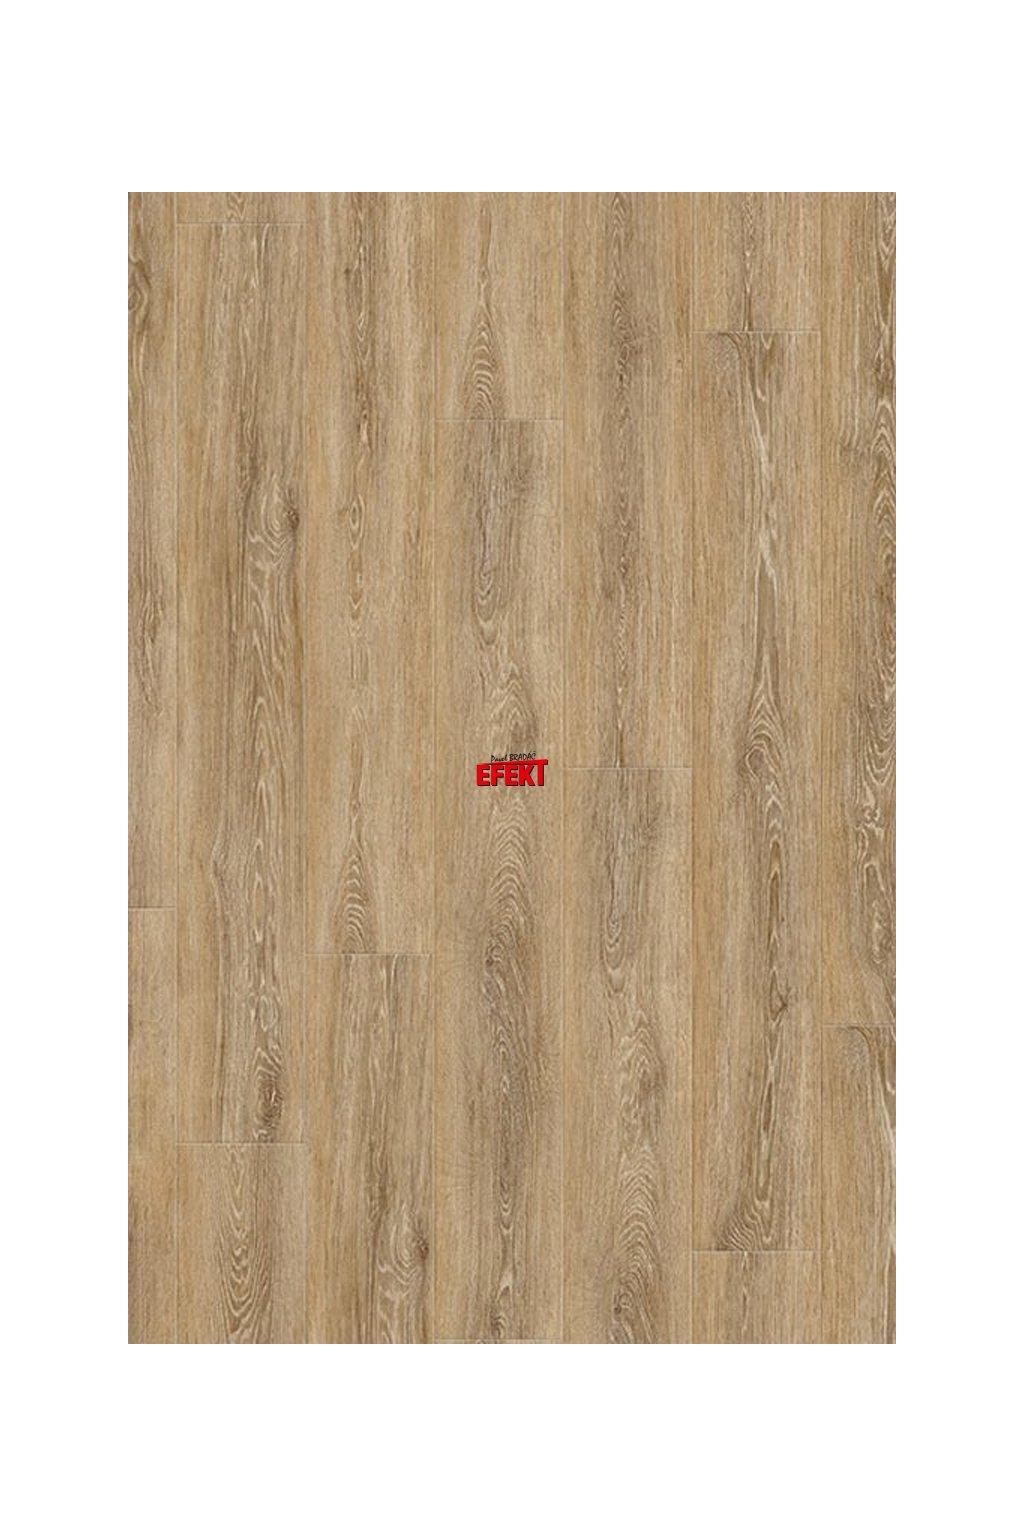 Podium CLICK 55-Jersey Oak 293M